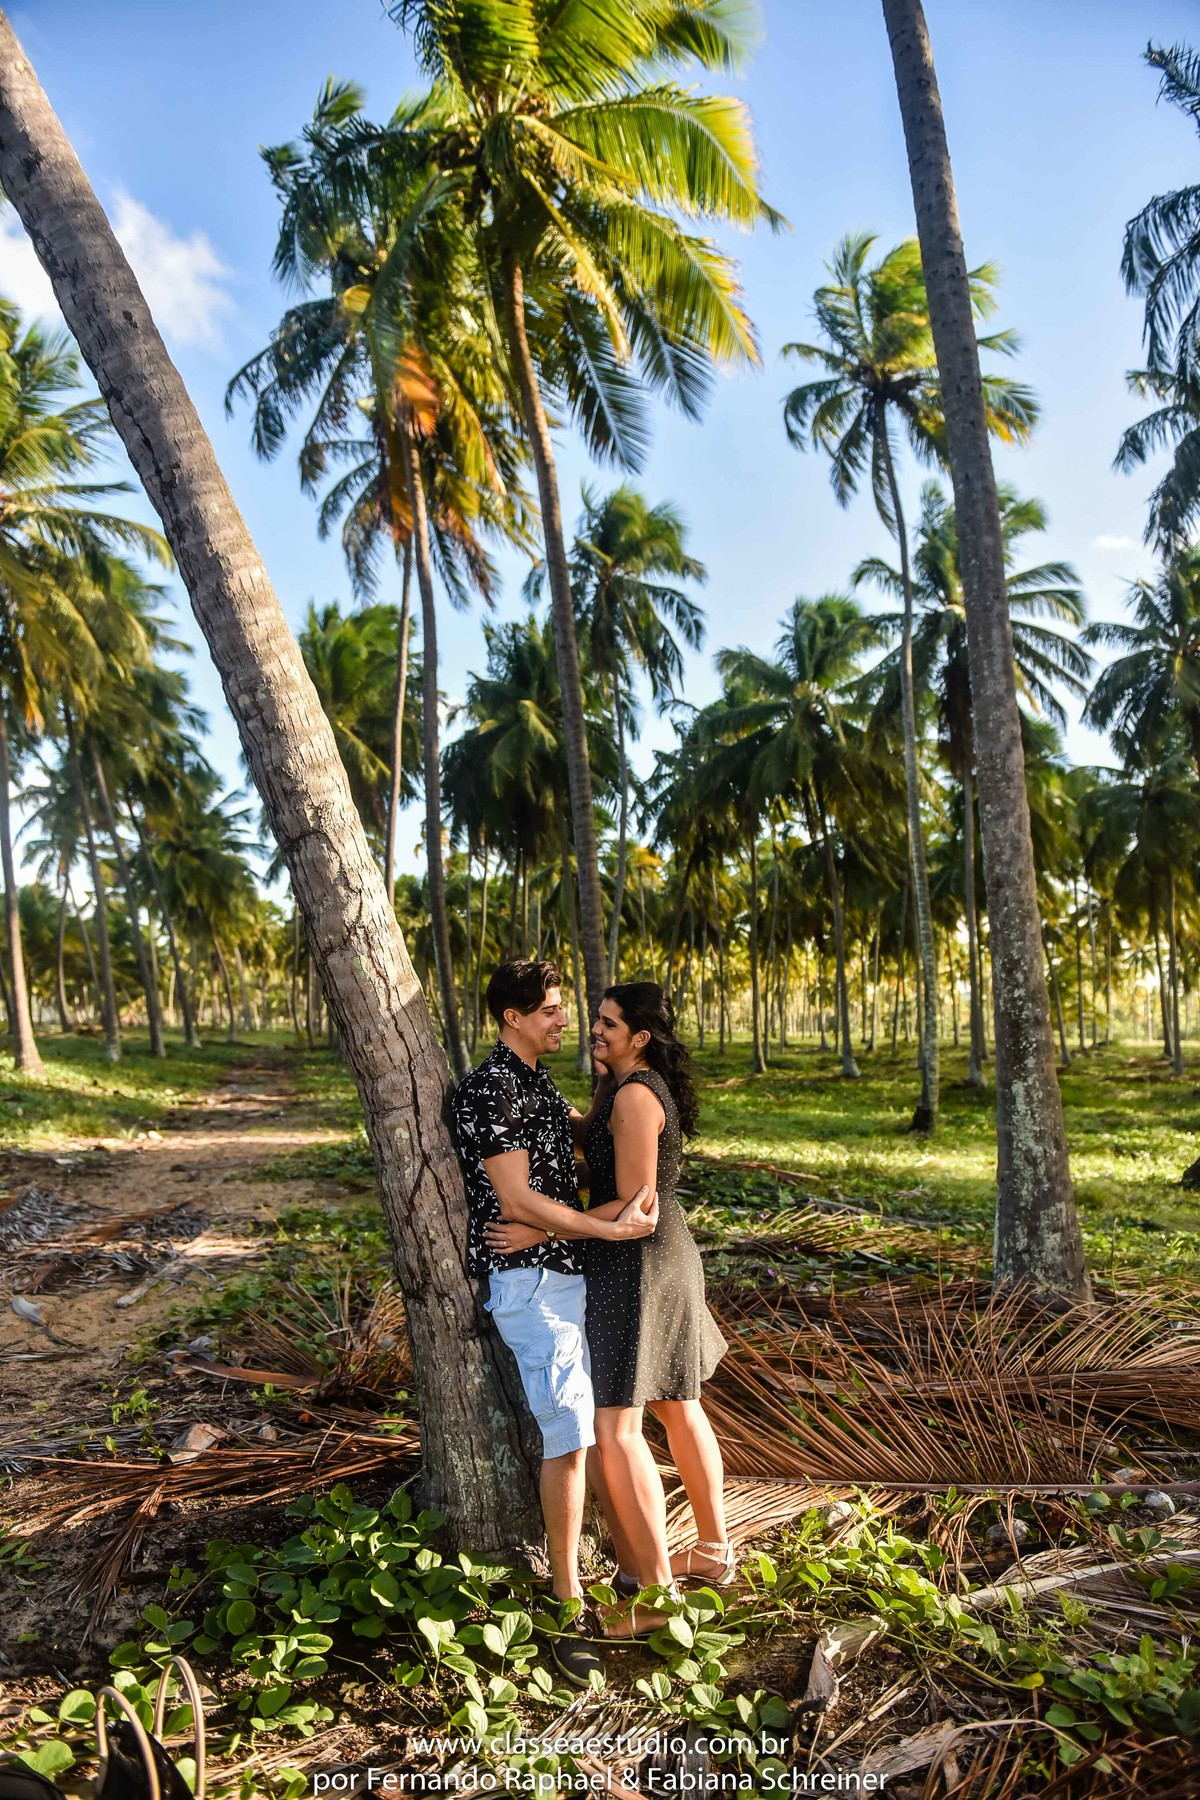 pré-wedding na praia do paiva em Pernambuco